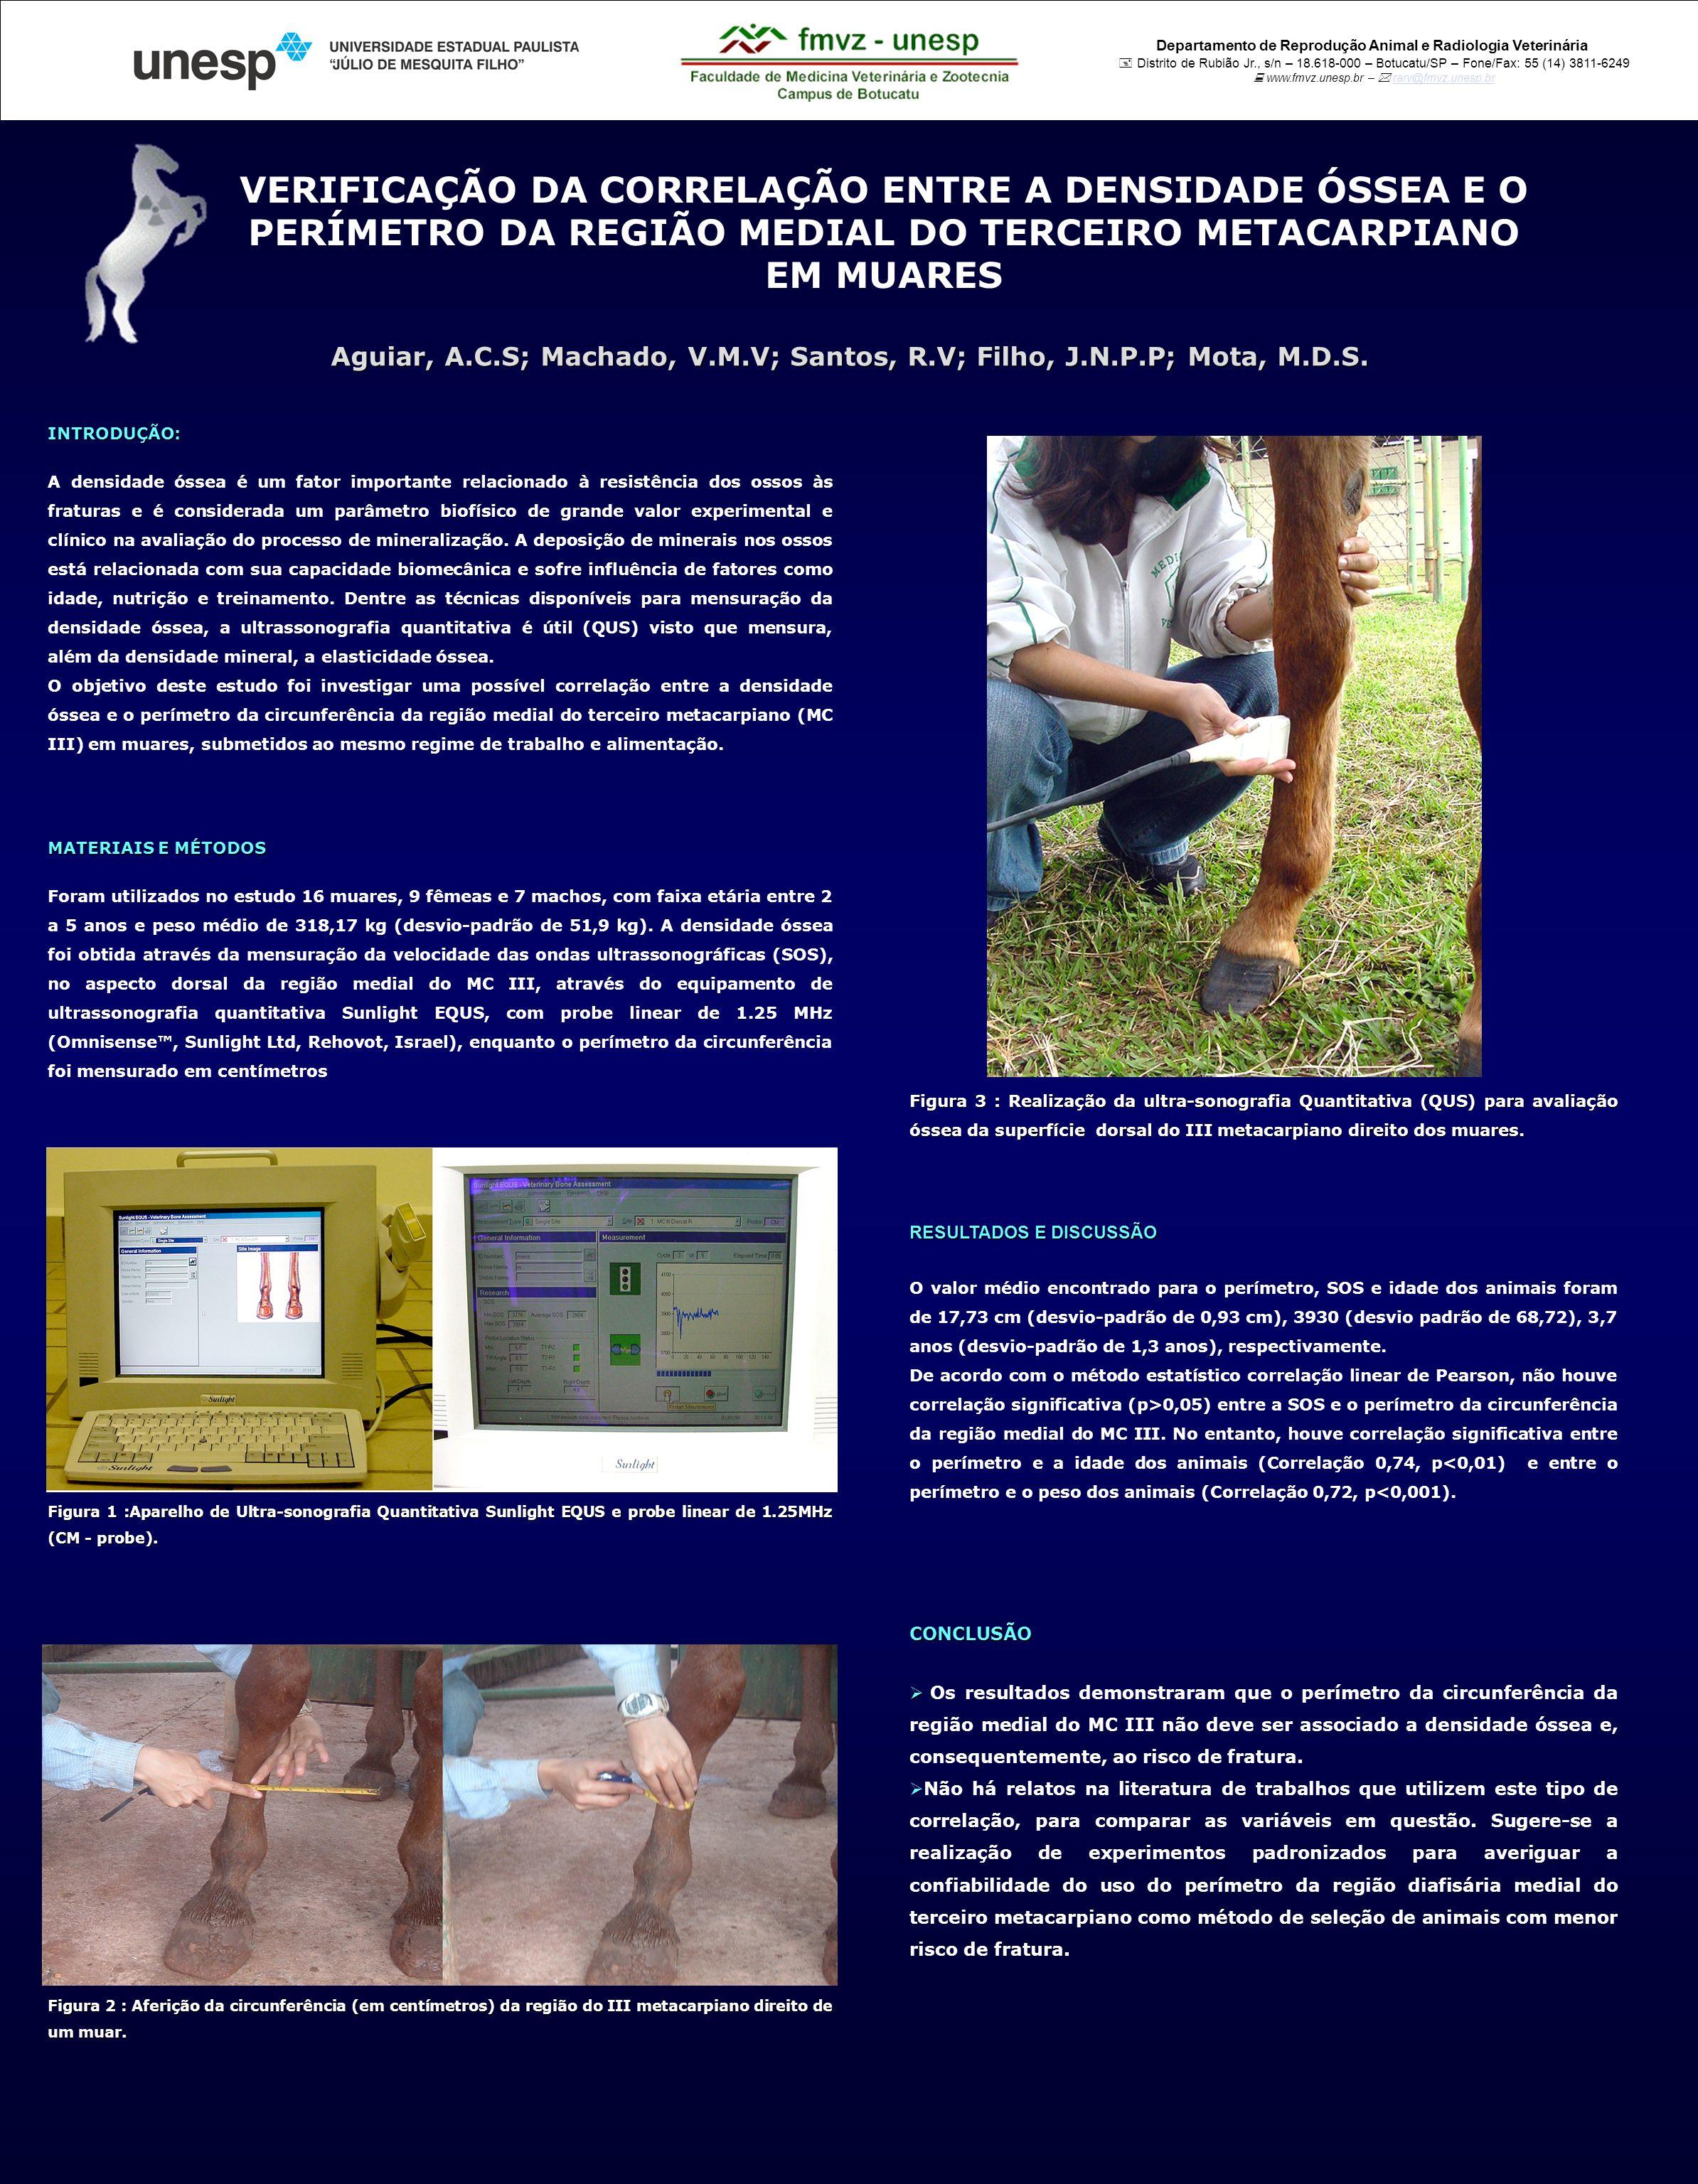 Departamento de Reprodução Animal e Radiologia Veterinária